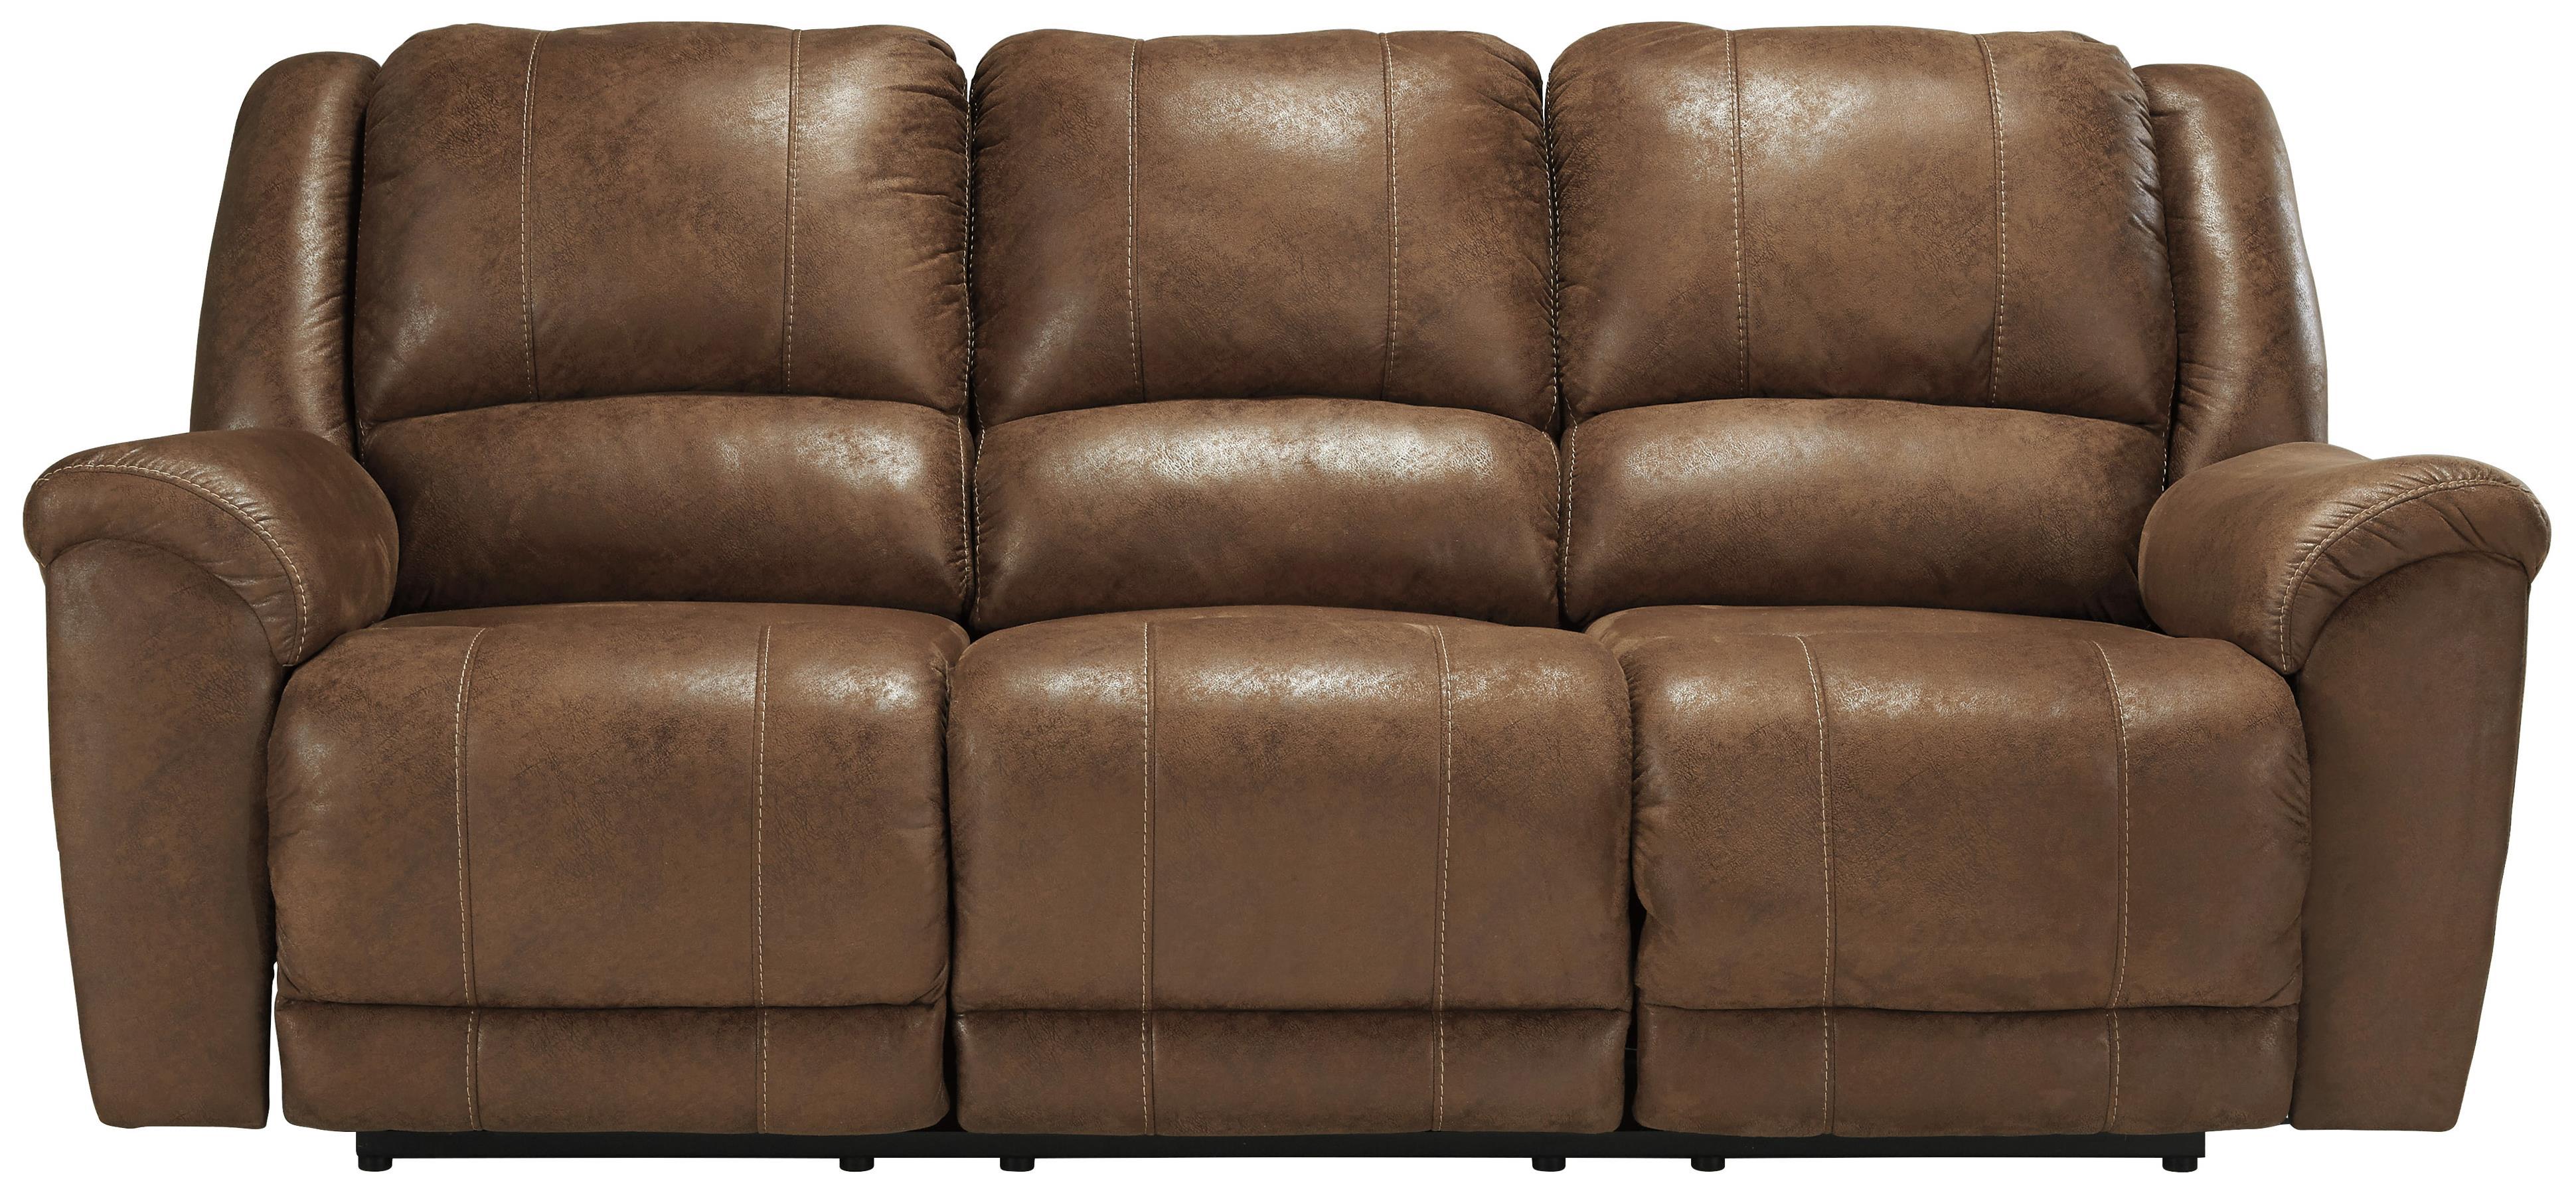 Benchcraft Niarobi Reclining Sofa - Item Number: 4060188